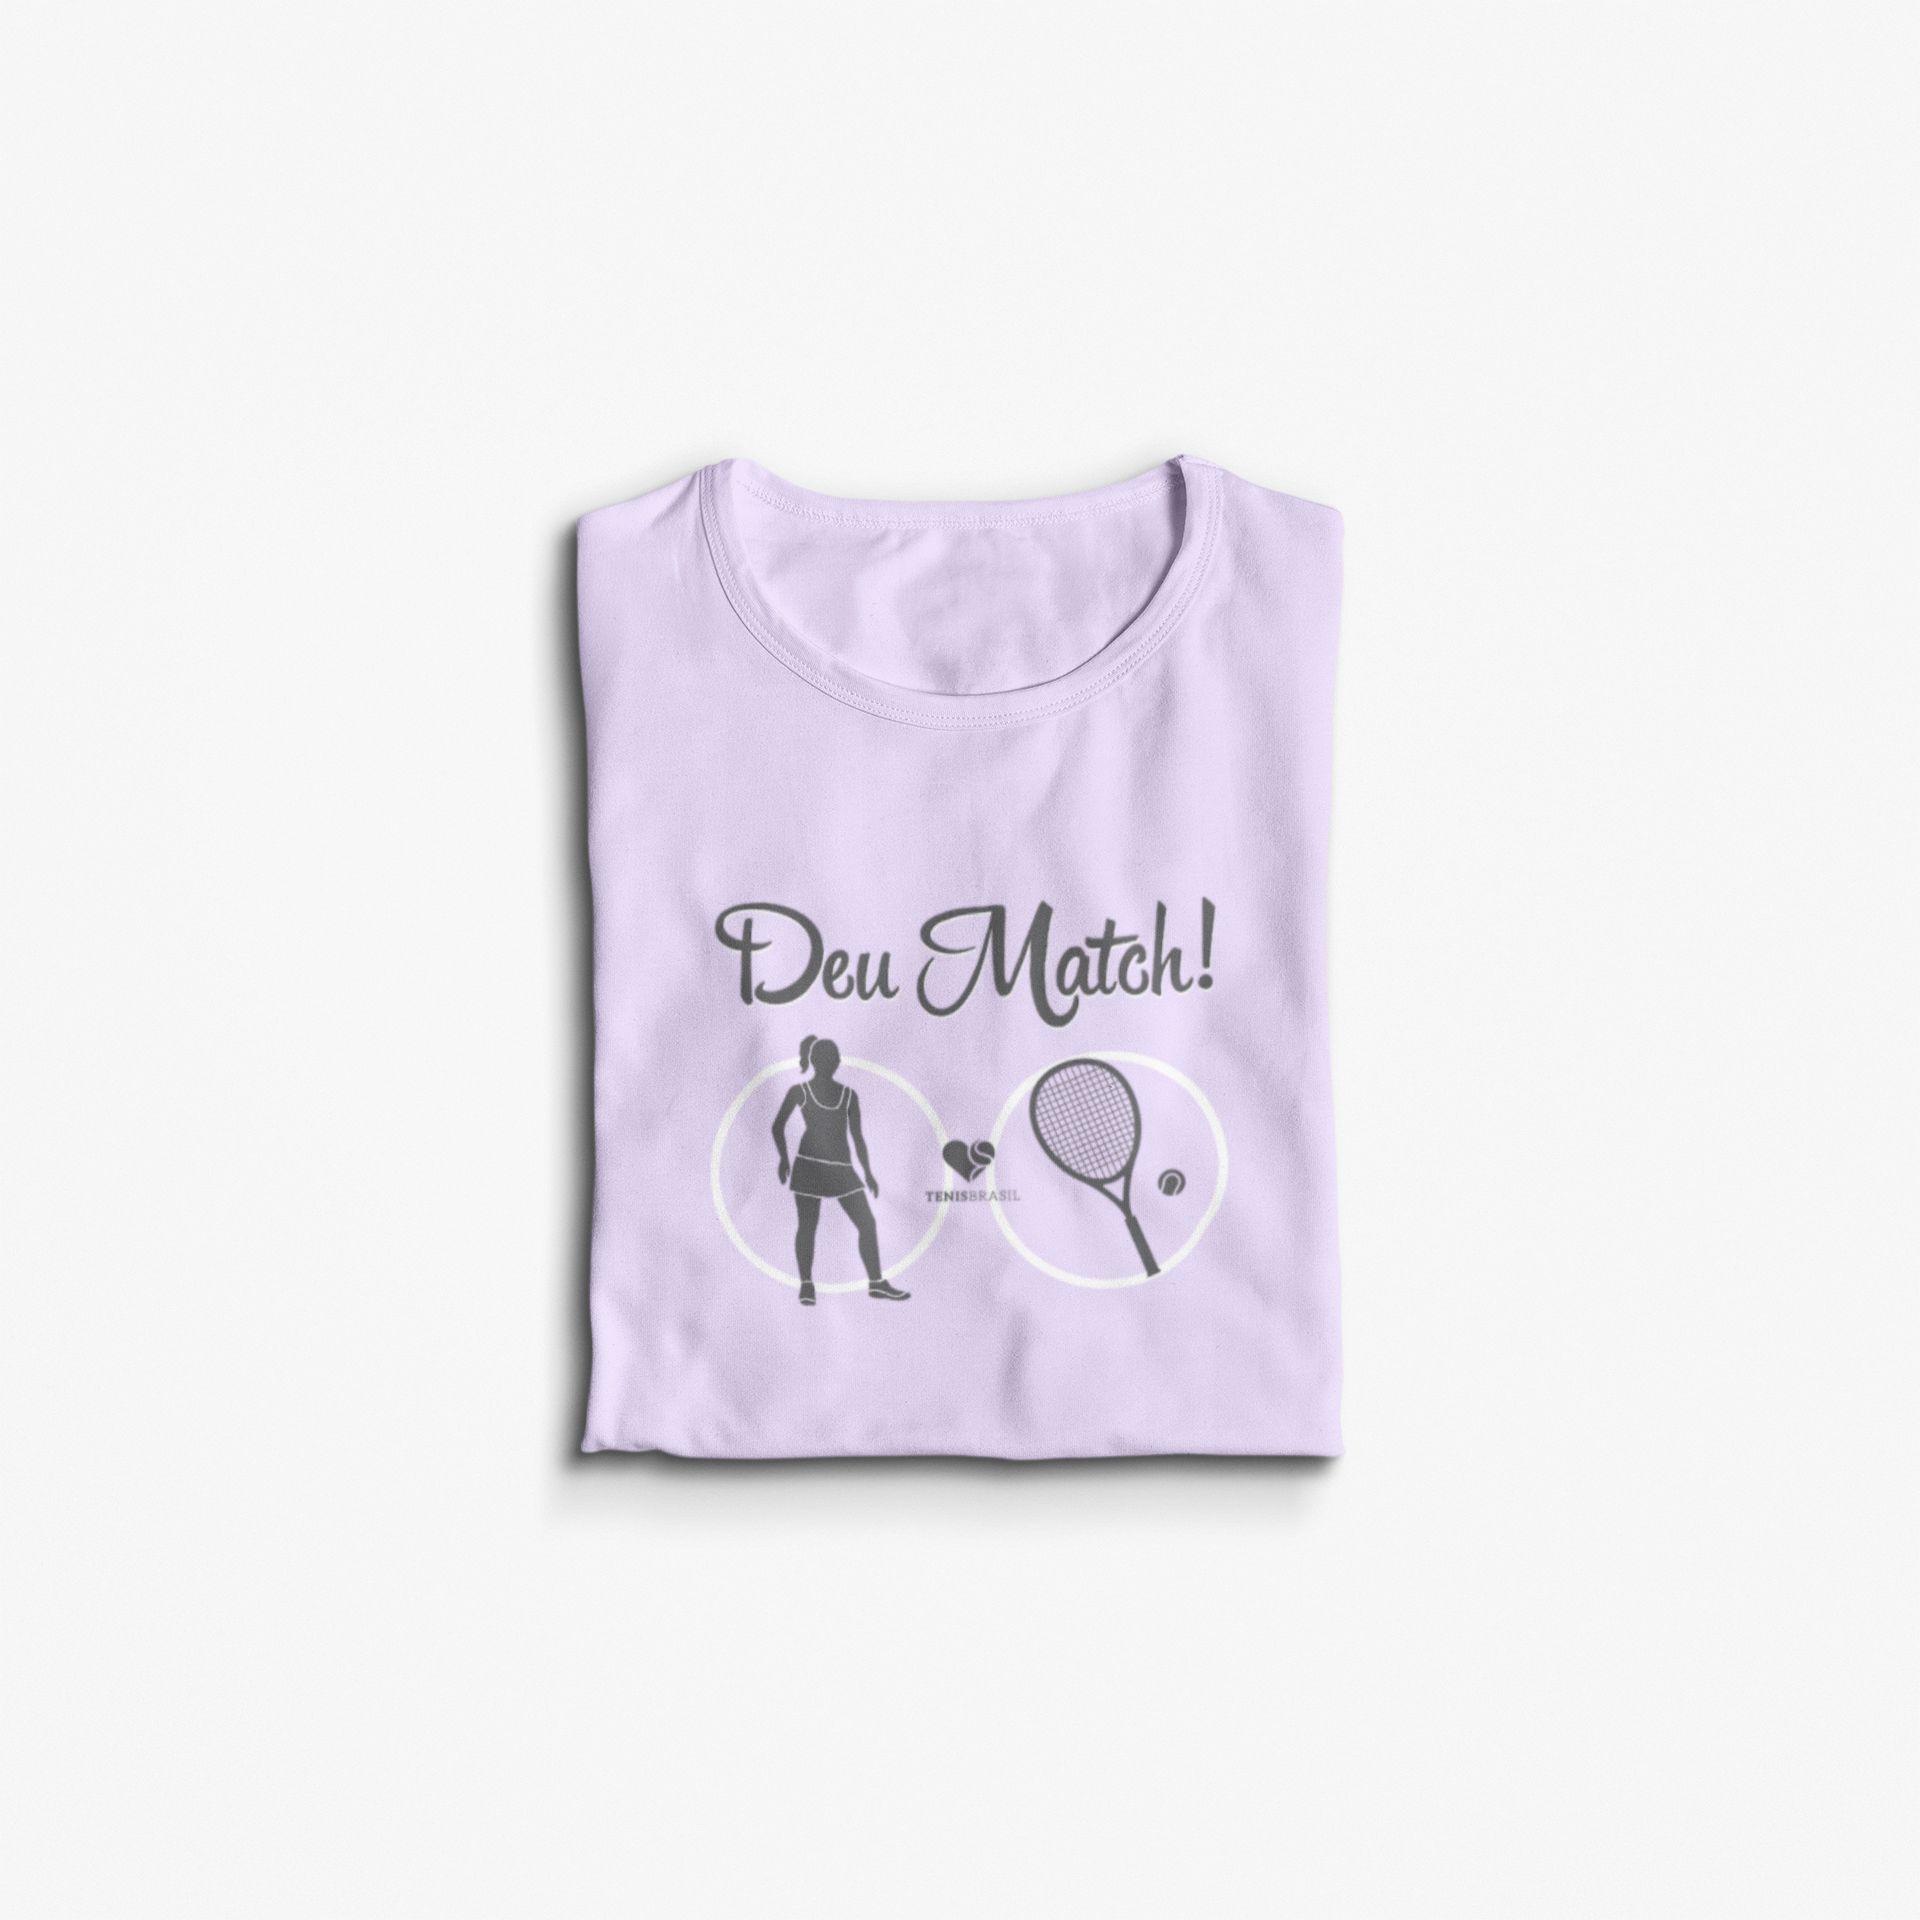 Camiseta DEU MATCH! >> Coleção 2019 >> FEMININA